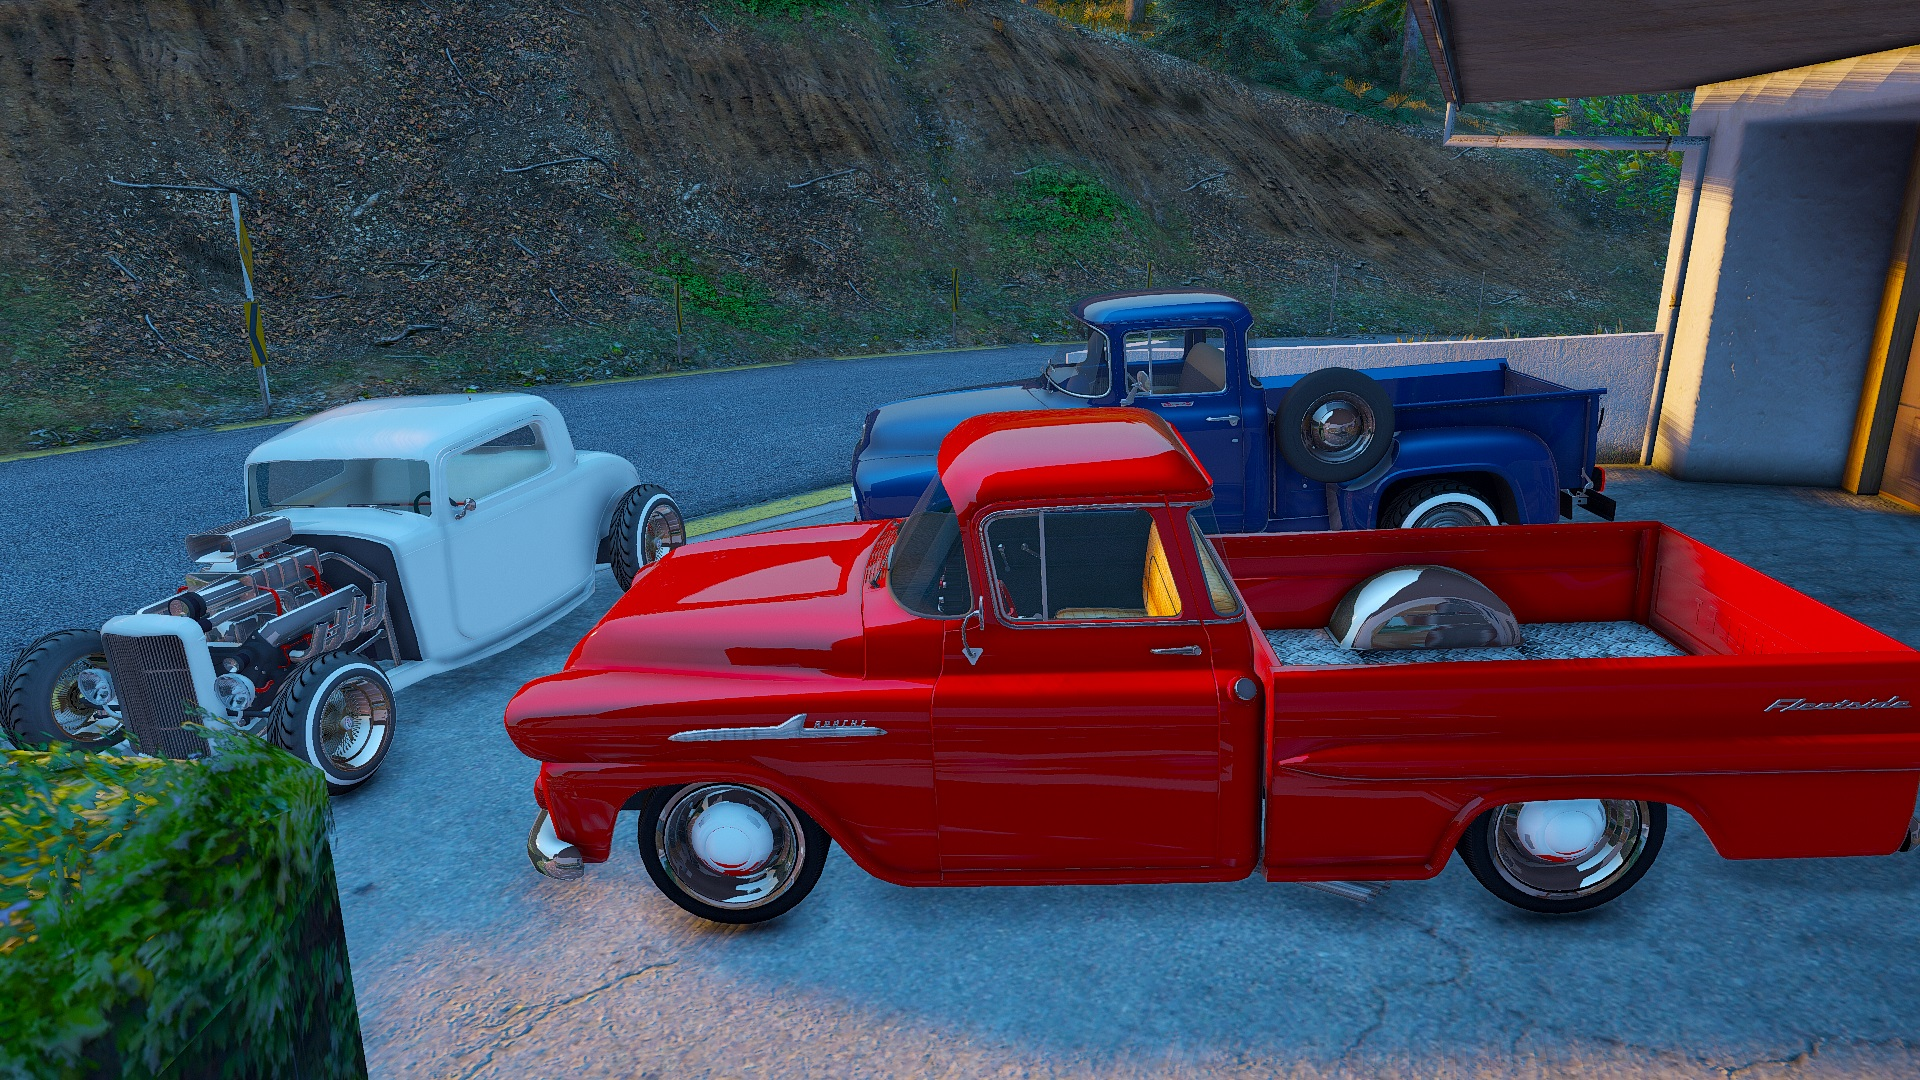 0_1506660368567_Grand Theft Auto V 9_28_2017 9_43_30 PM.jpg